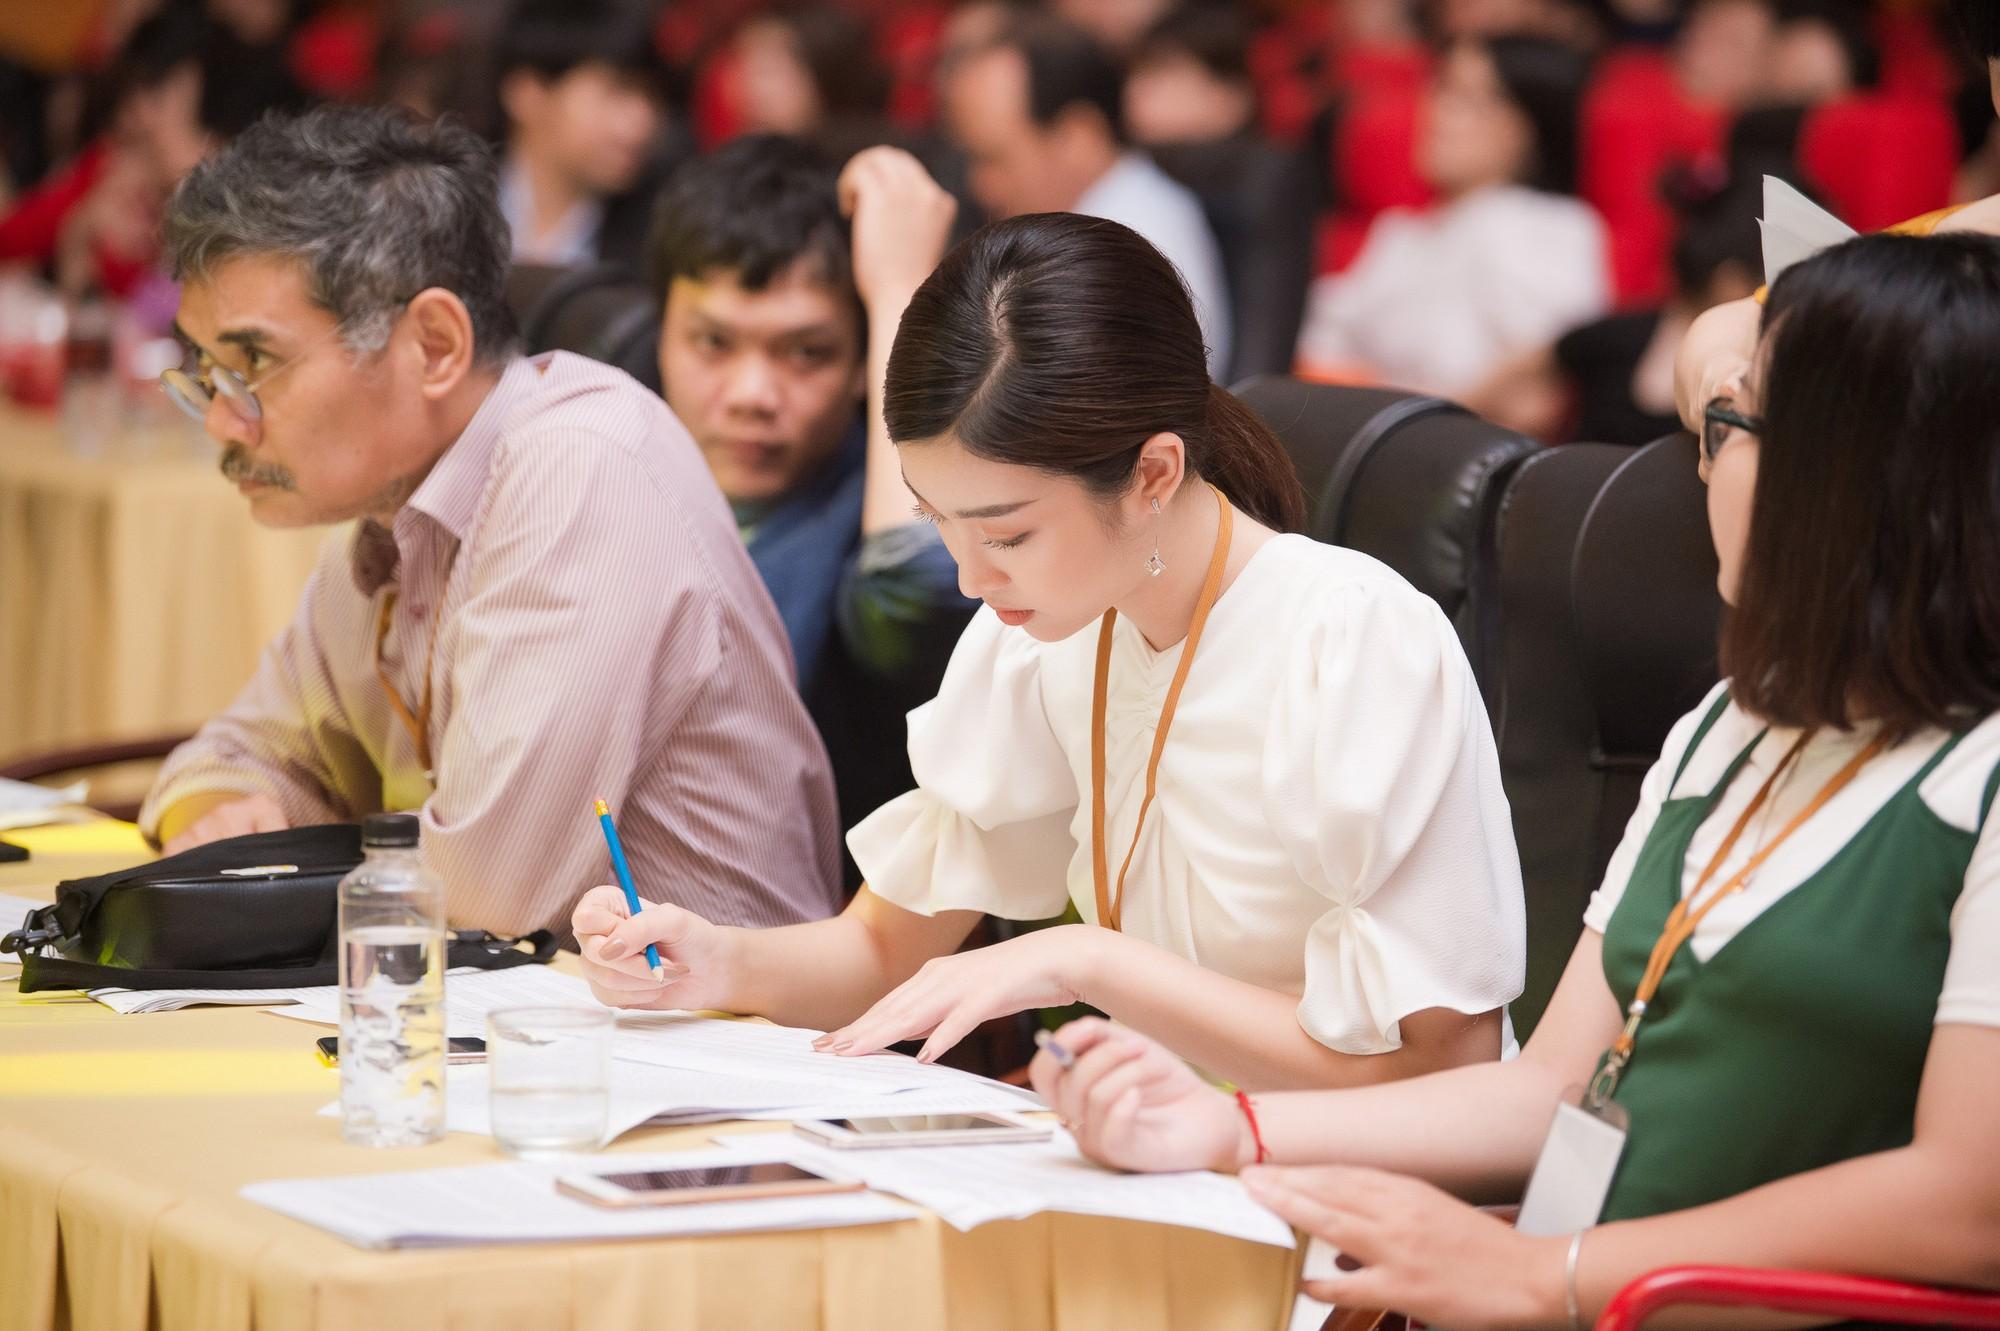 Đỗ Mỹ Linh làm giám khảo cuộc thi sắc đẹp dành cho người khuyết tật - Ảnh 2.